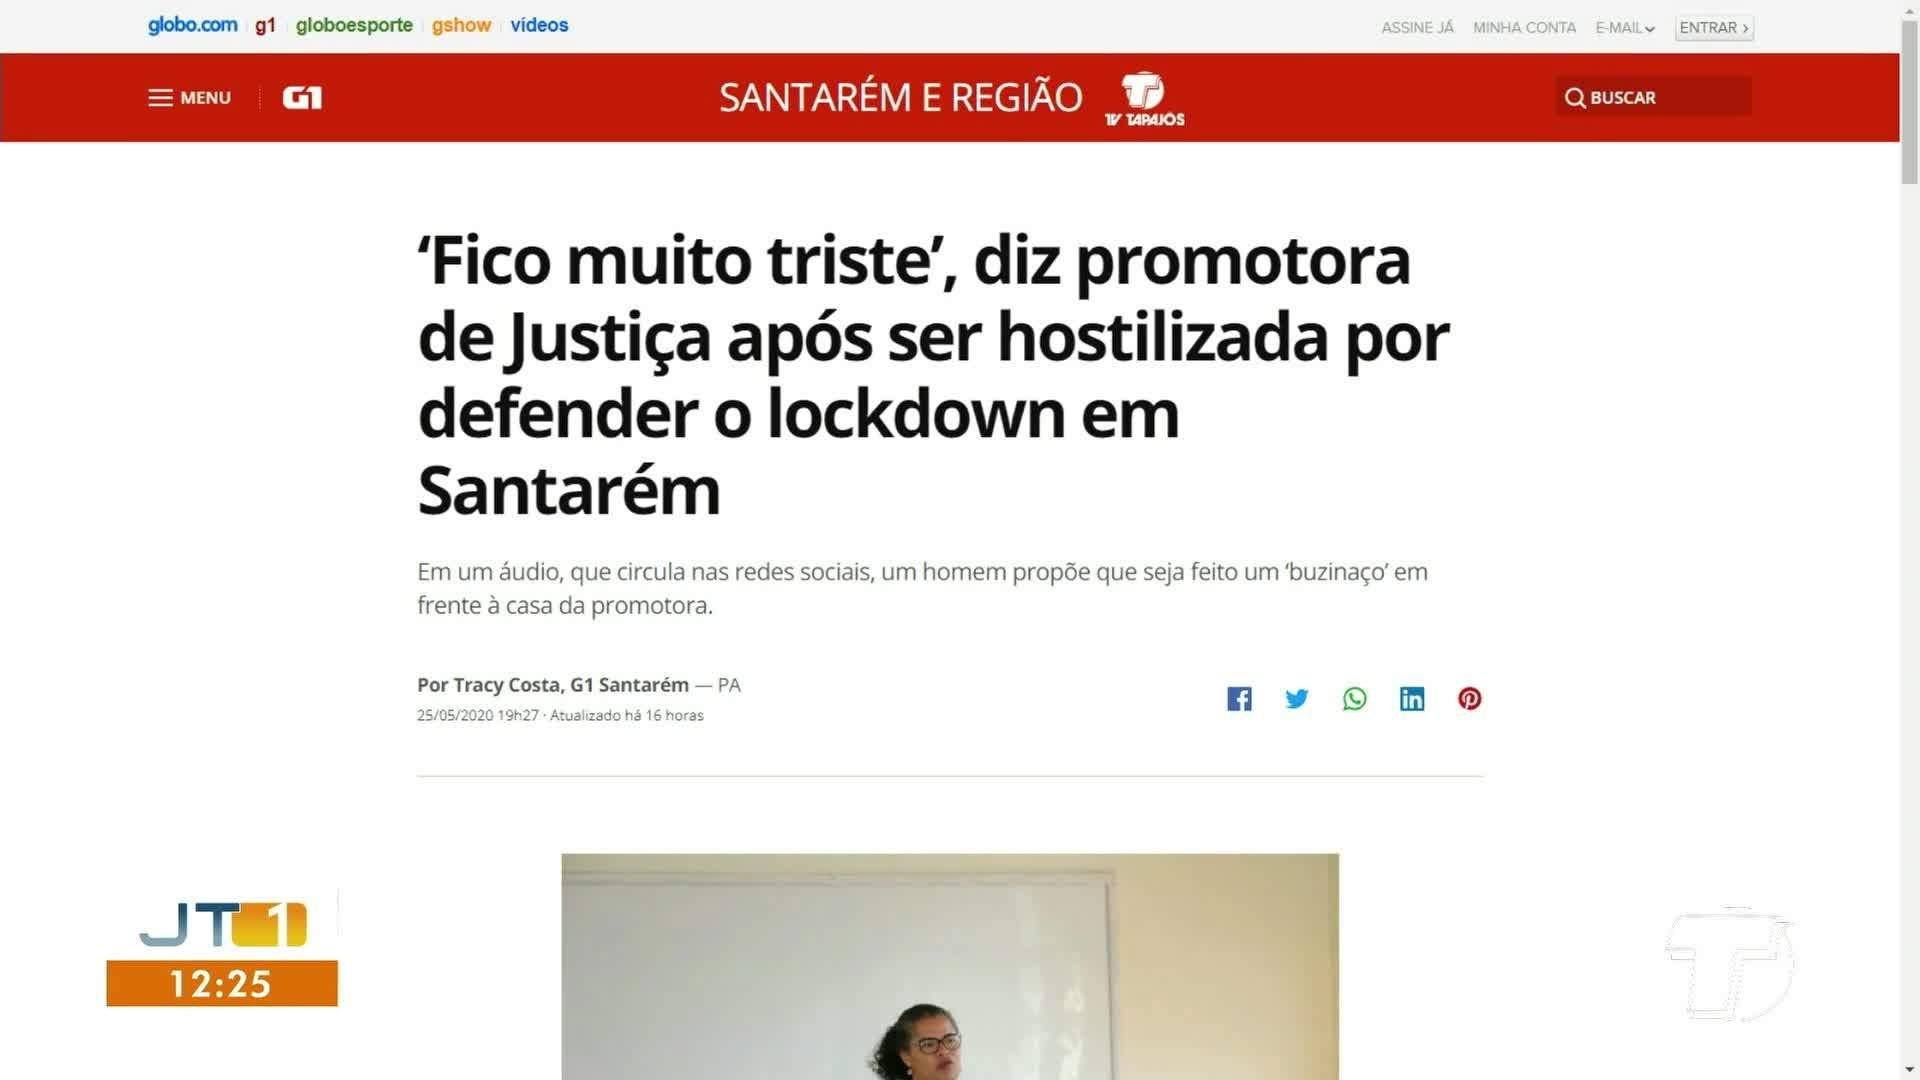 VÍDEOS: Jornal Tapajós 1ª Edição de terça-feira, 26 de maio